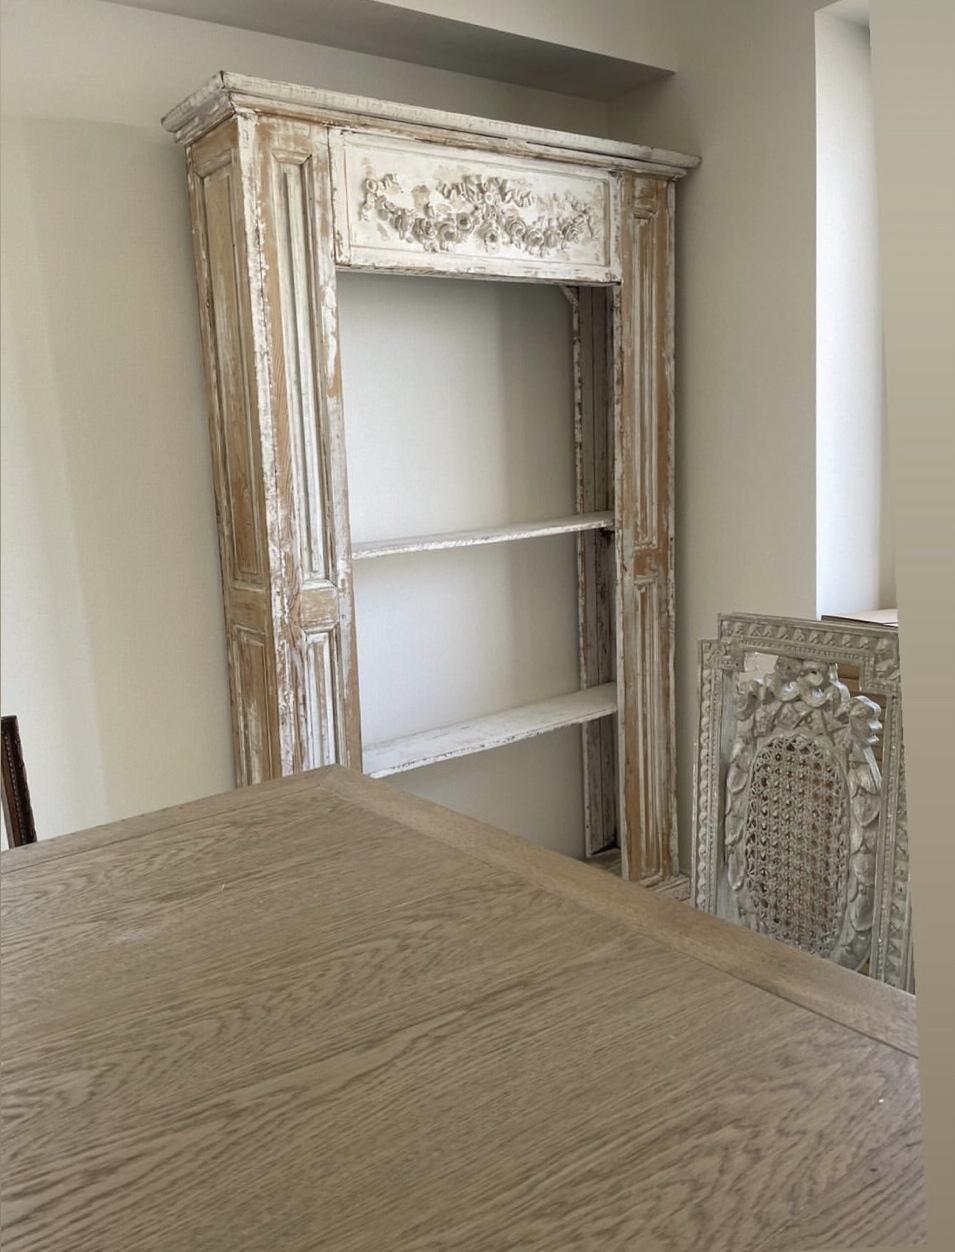 自由が丘サロンに家具が入りました。アトリエスクールは7月8月はプレオープン_a0157409_19543410.jpeg